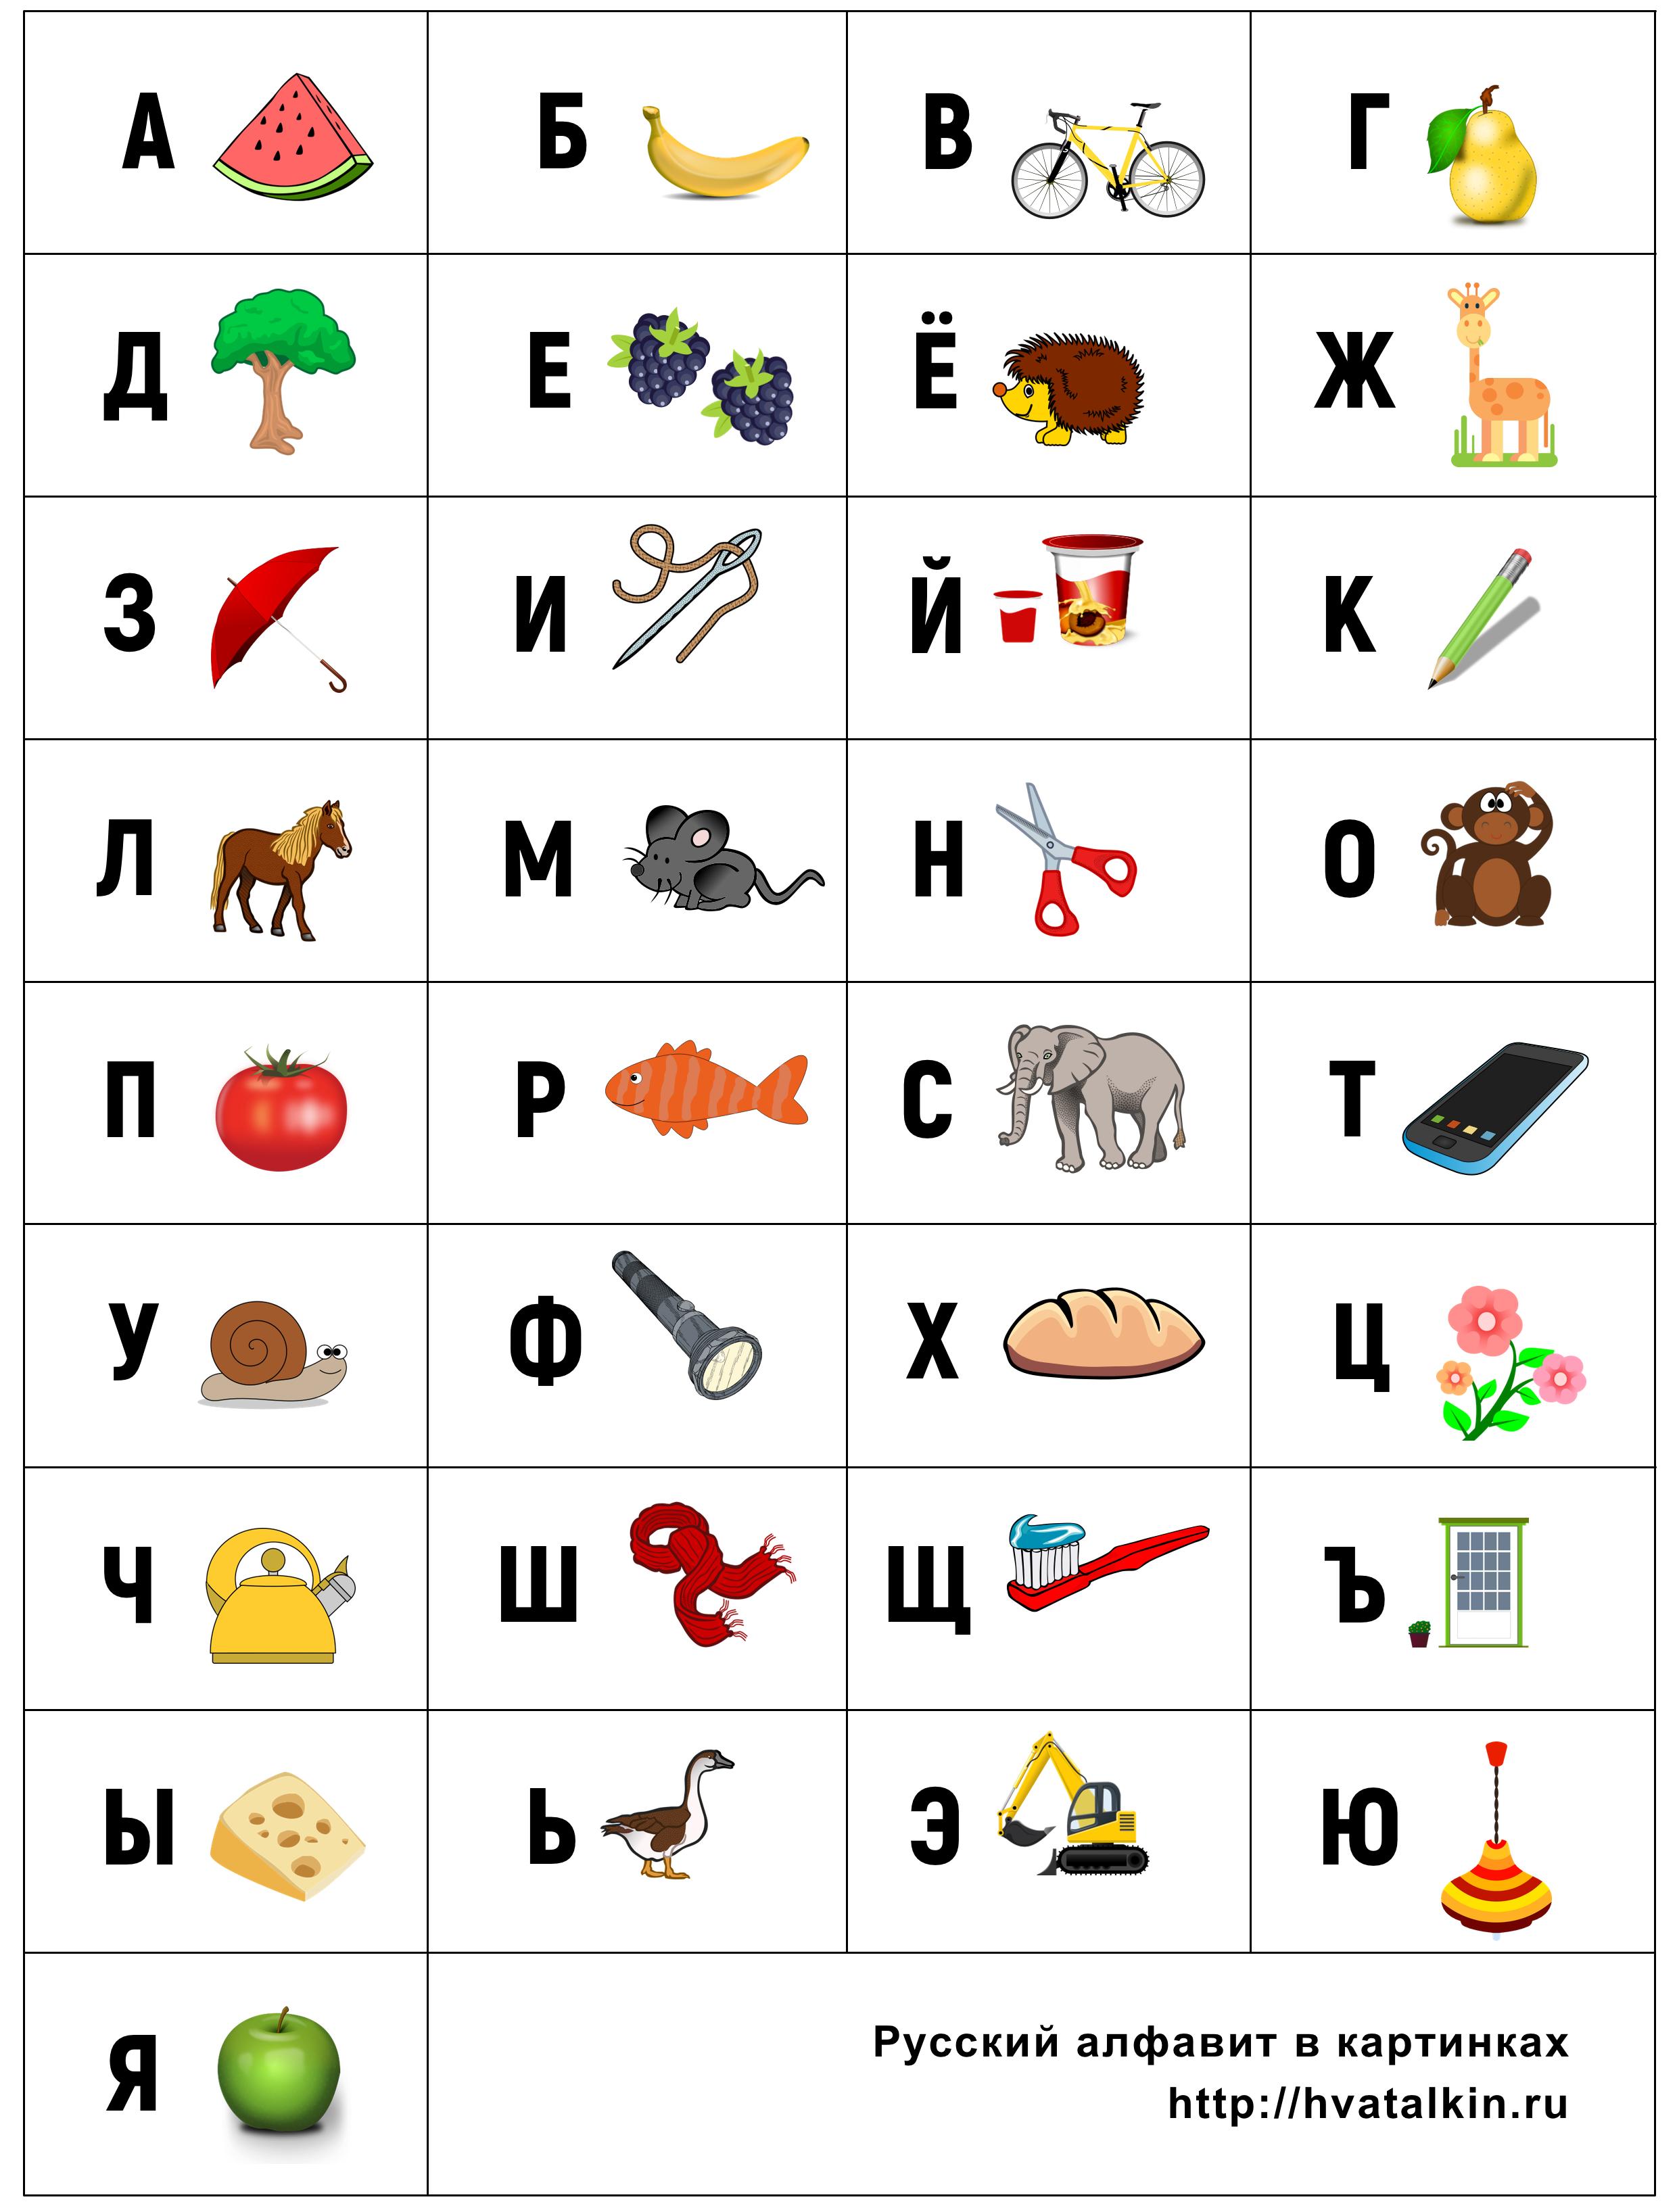 приложение азбука с картинками звезда, чего